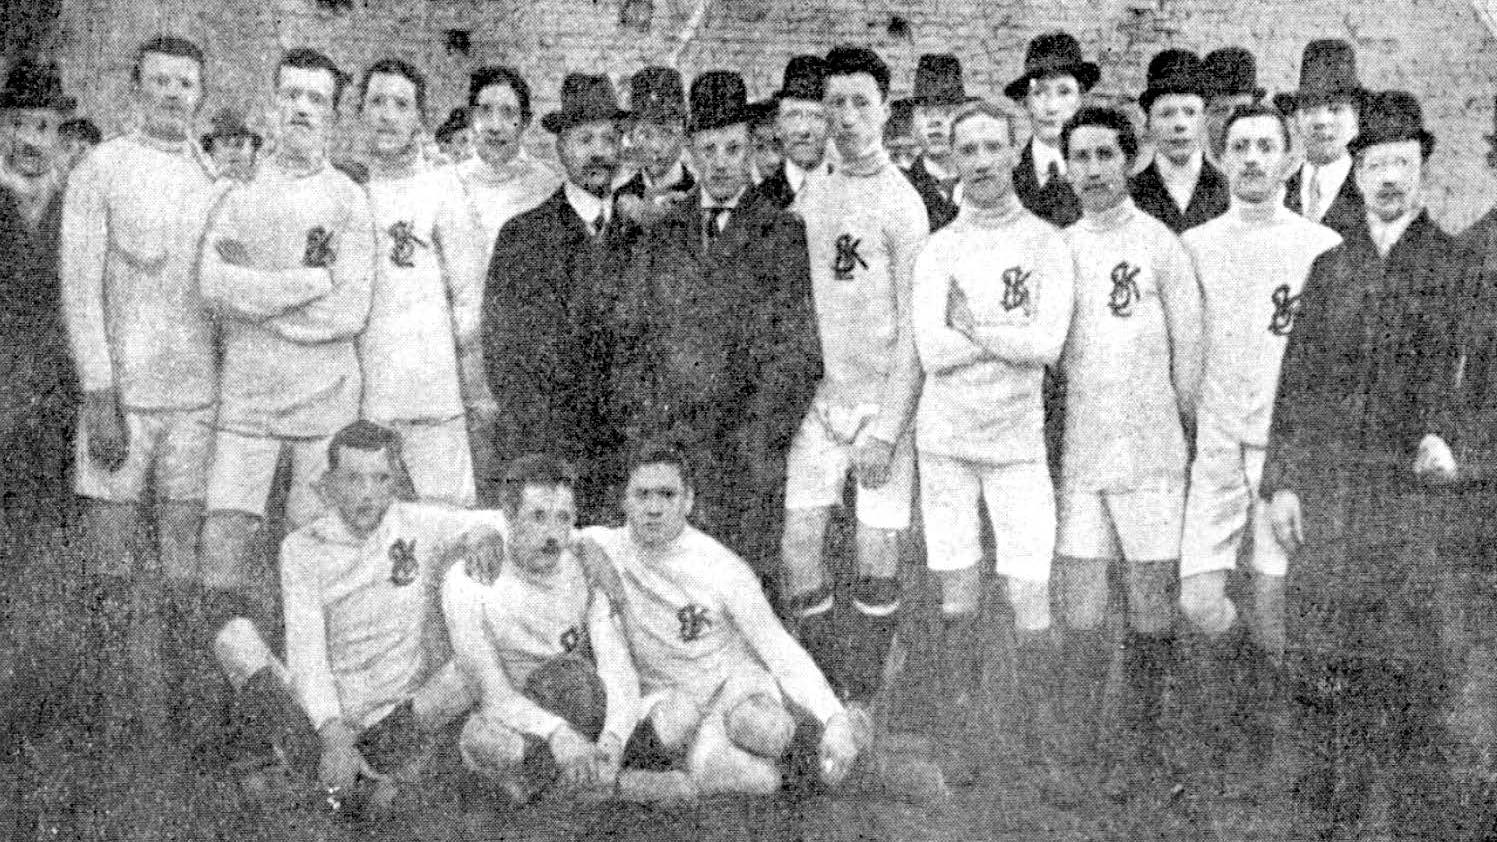 druzyna lks u w 1912 roku podczas poswiecenia boiska przy ul. srebrzynskiej - Srebrzyńska czyli… wreszcie na swoim!